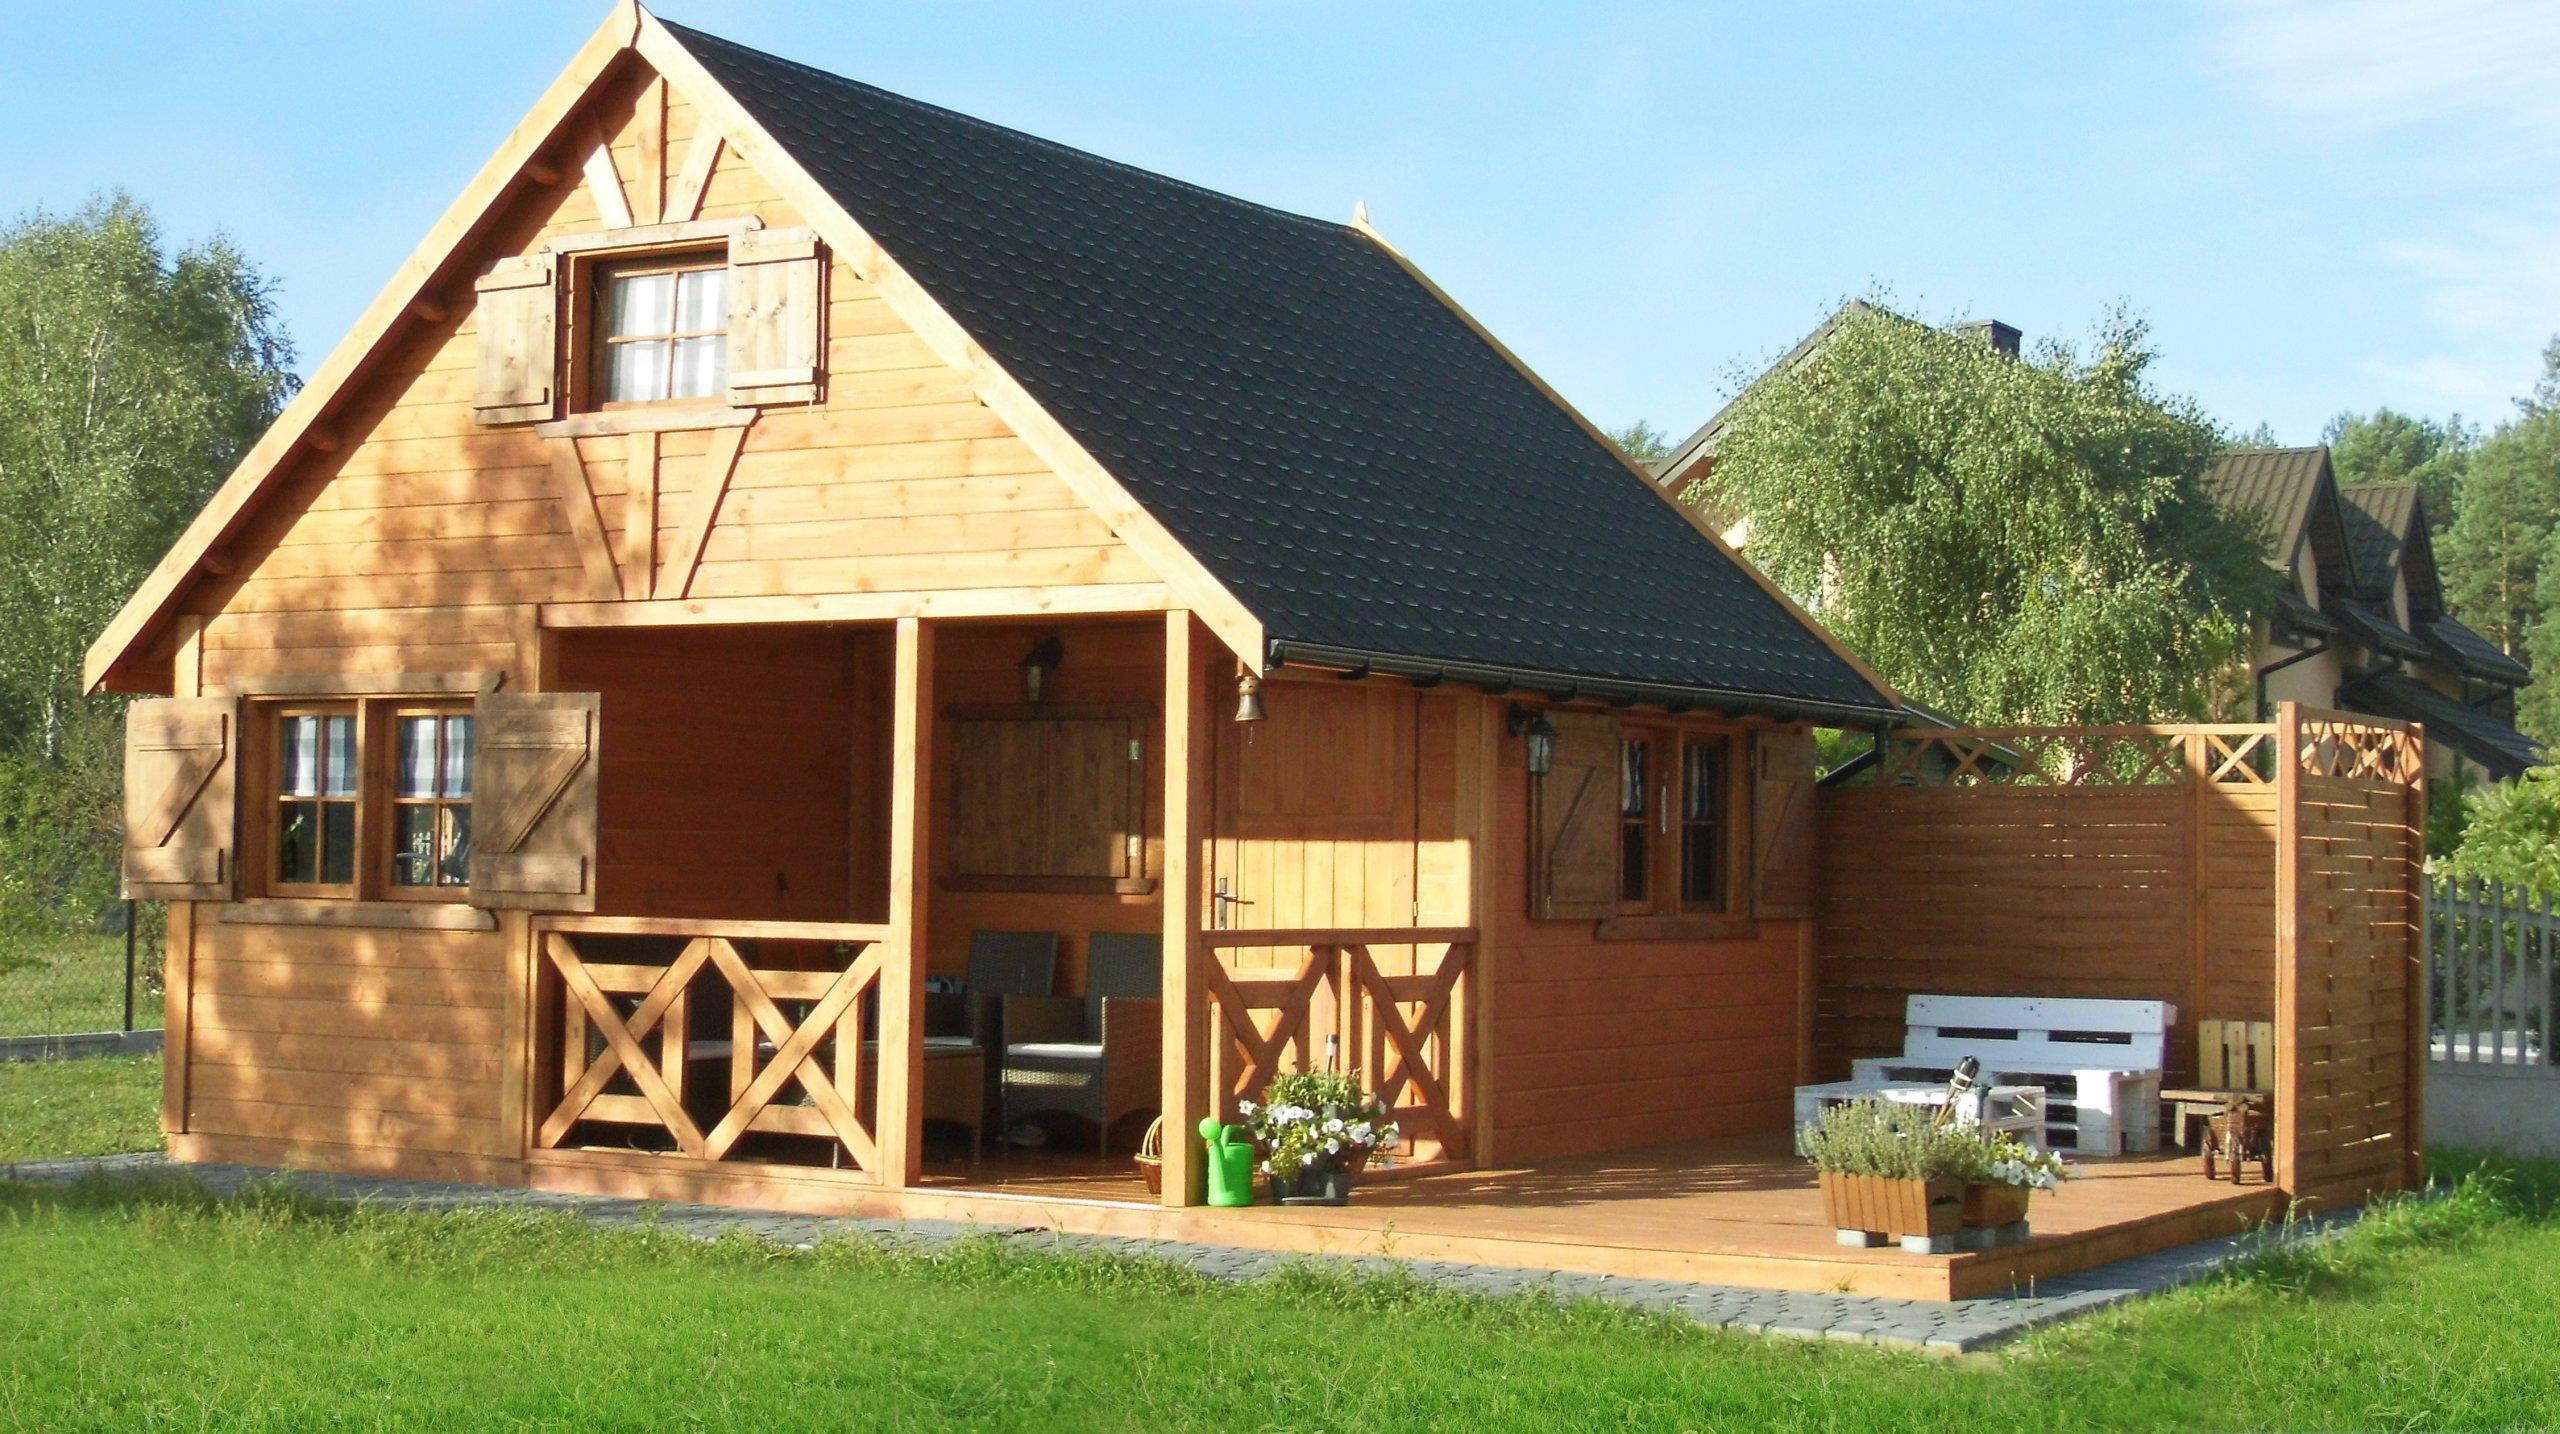 Cudowna domki drewniane 35m2 w Oficjalnym Archiwum Allegro - archiwum ofert GS47